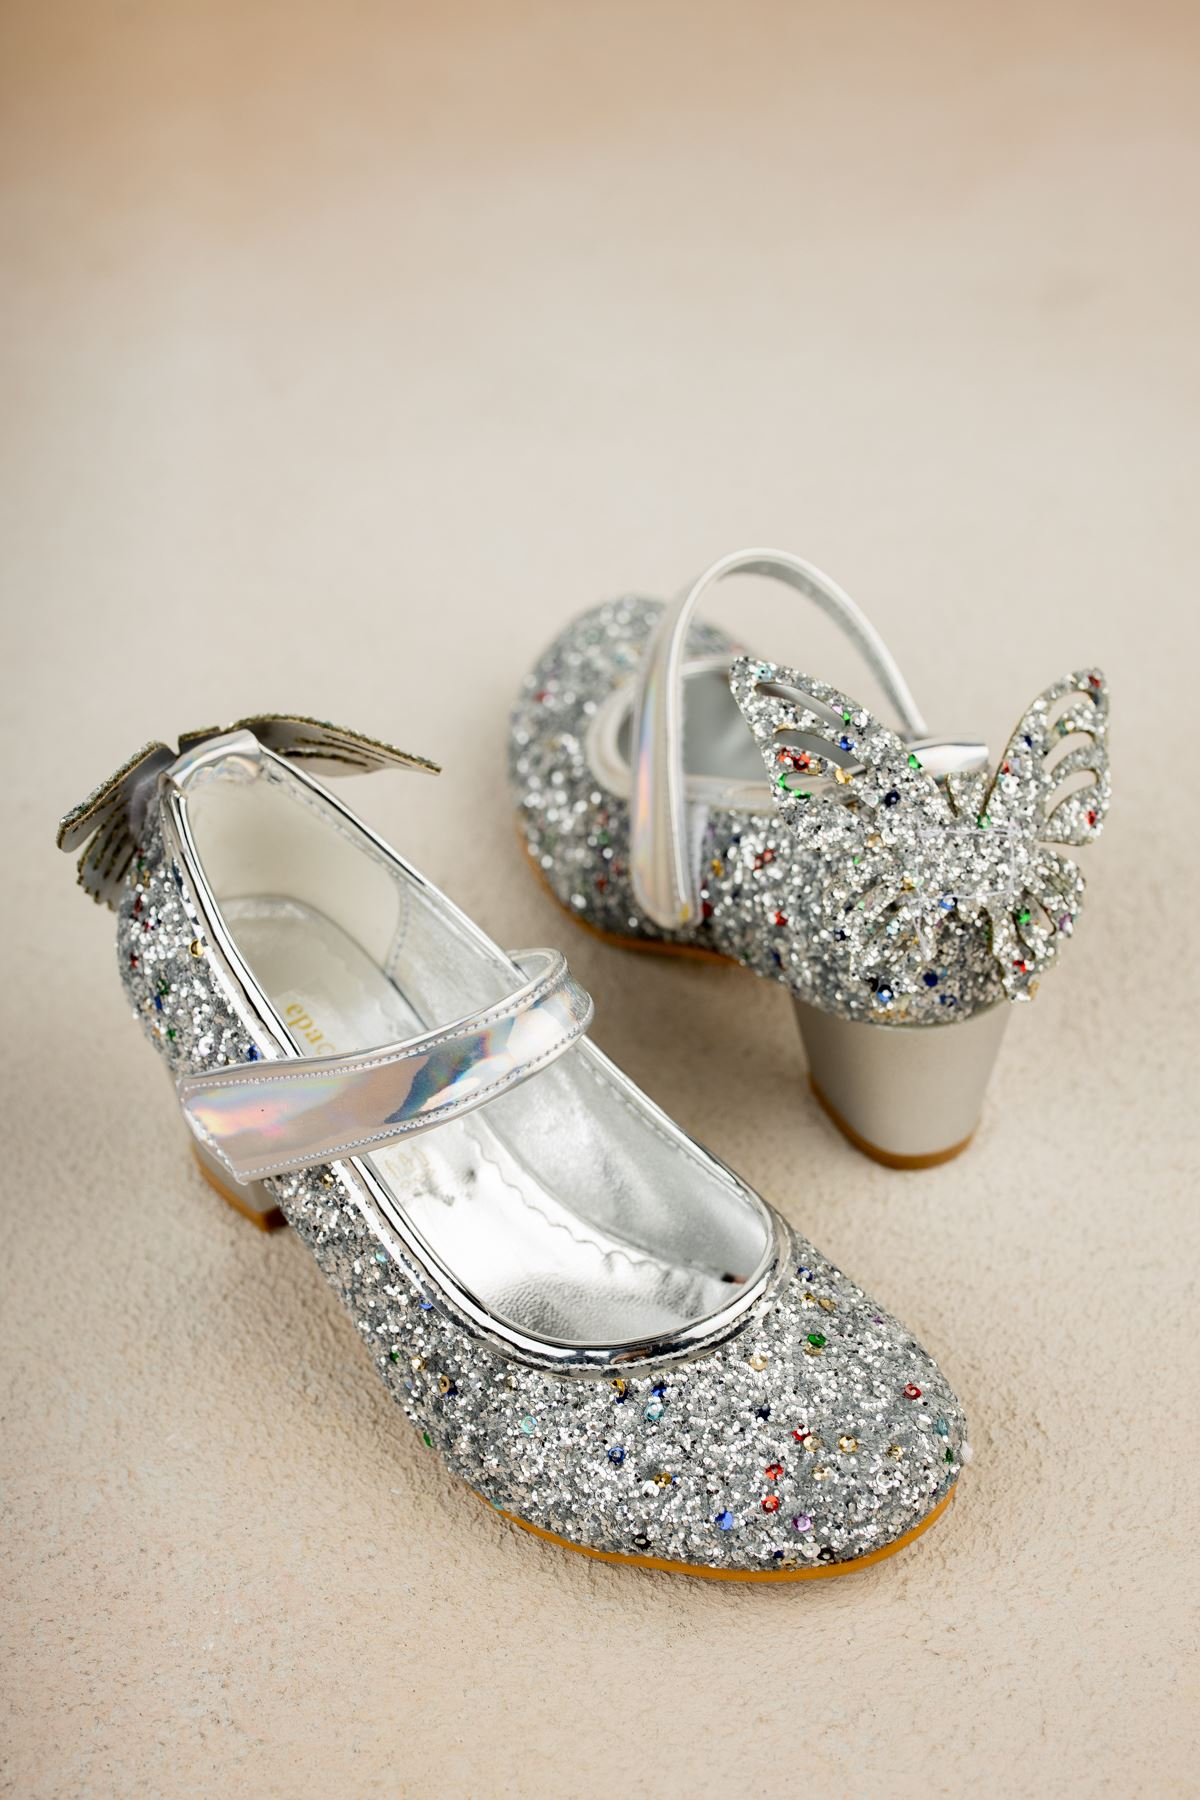 Topuklu Arkası Kelebekli Gümüş Taşlı Ayakkabı